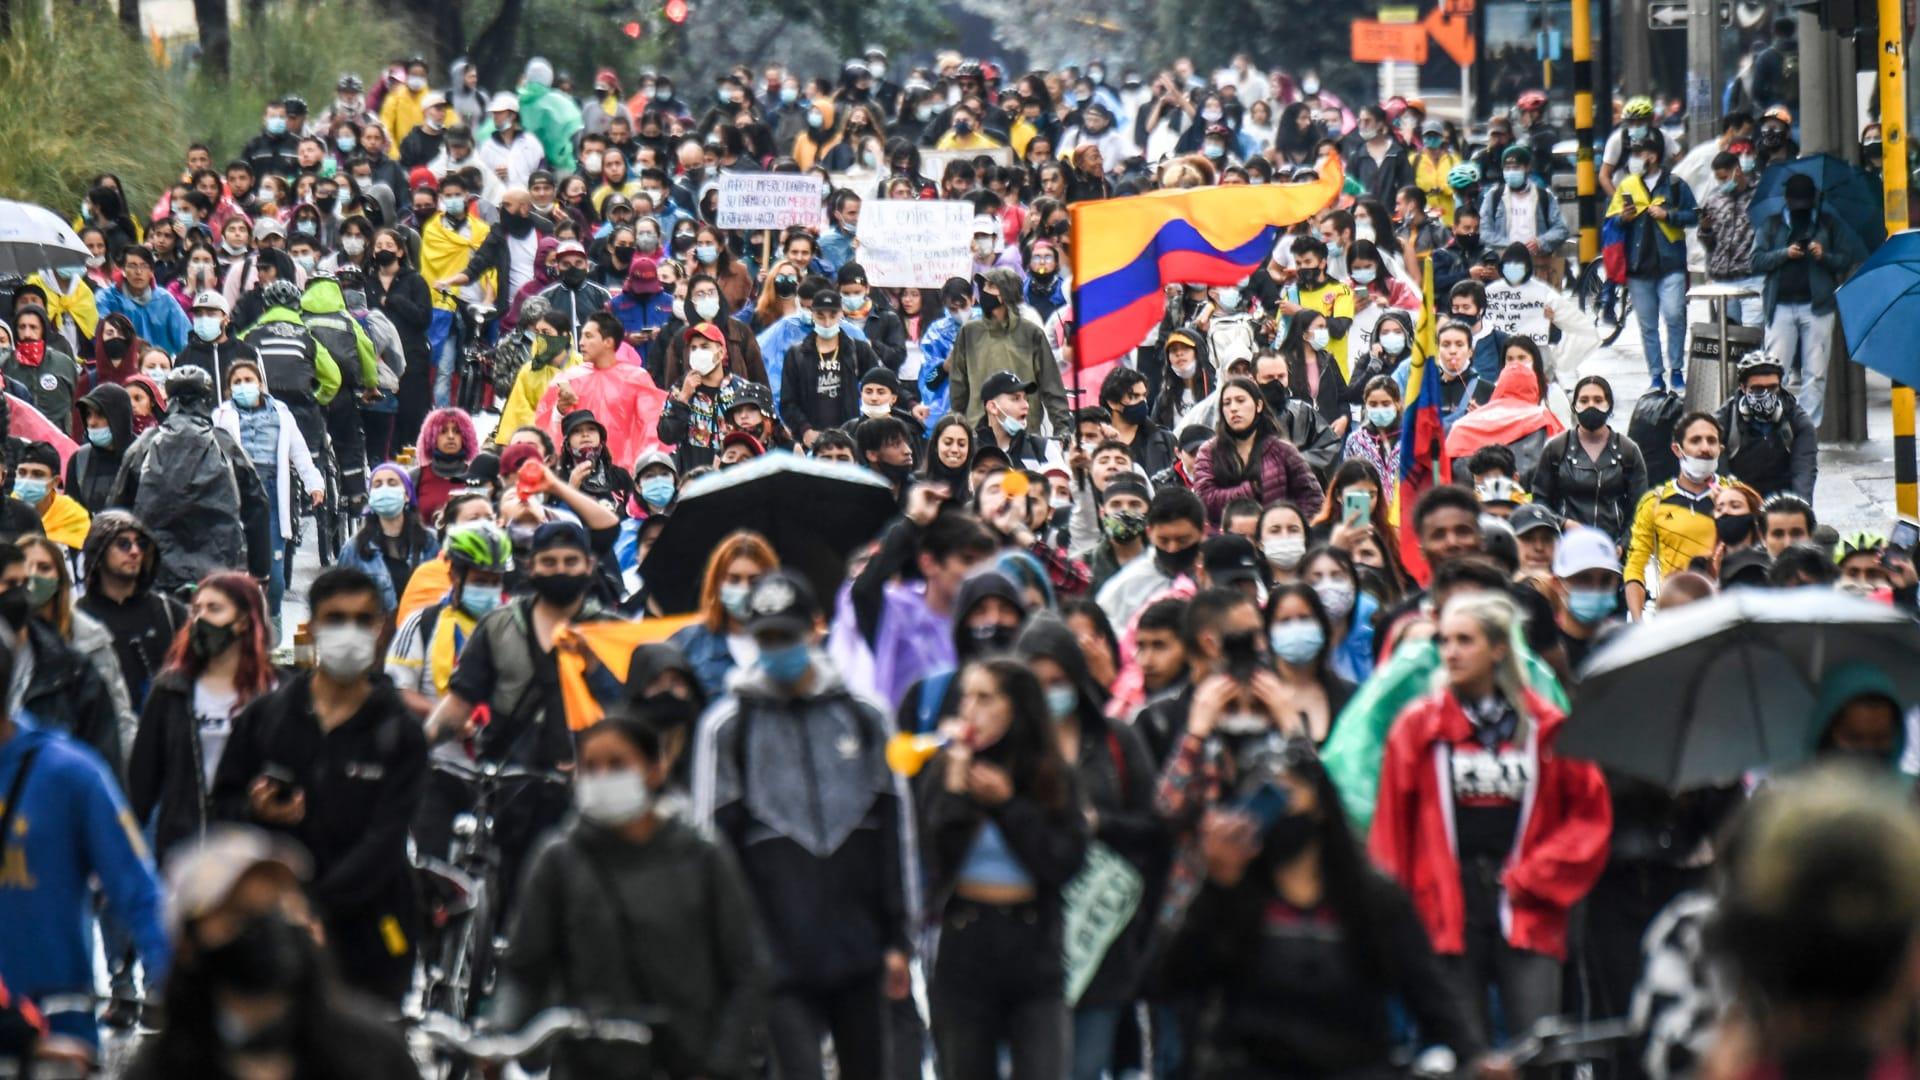 ارتفاع حصيلة القتلى في اضطرابات كولومبيا المستمرة إلى 27